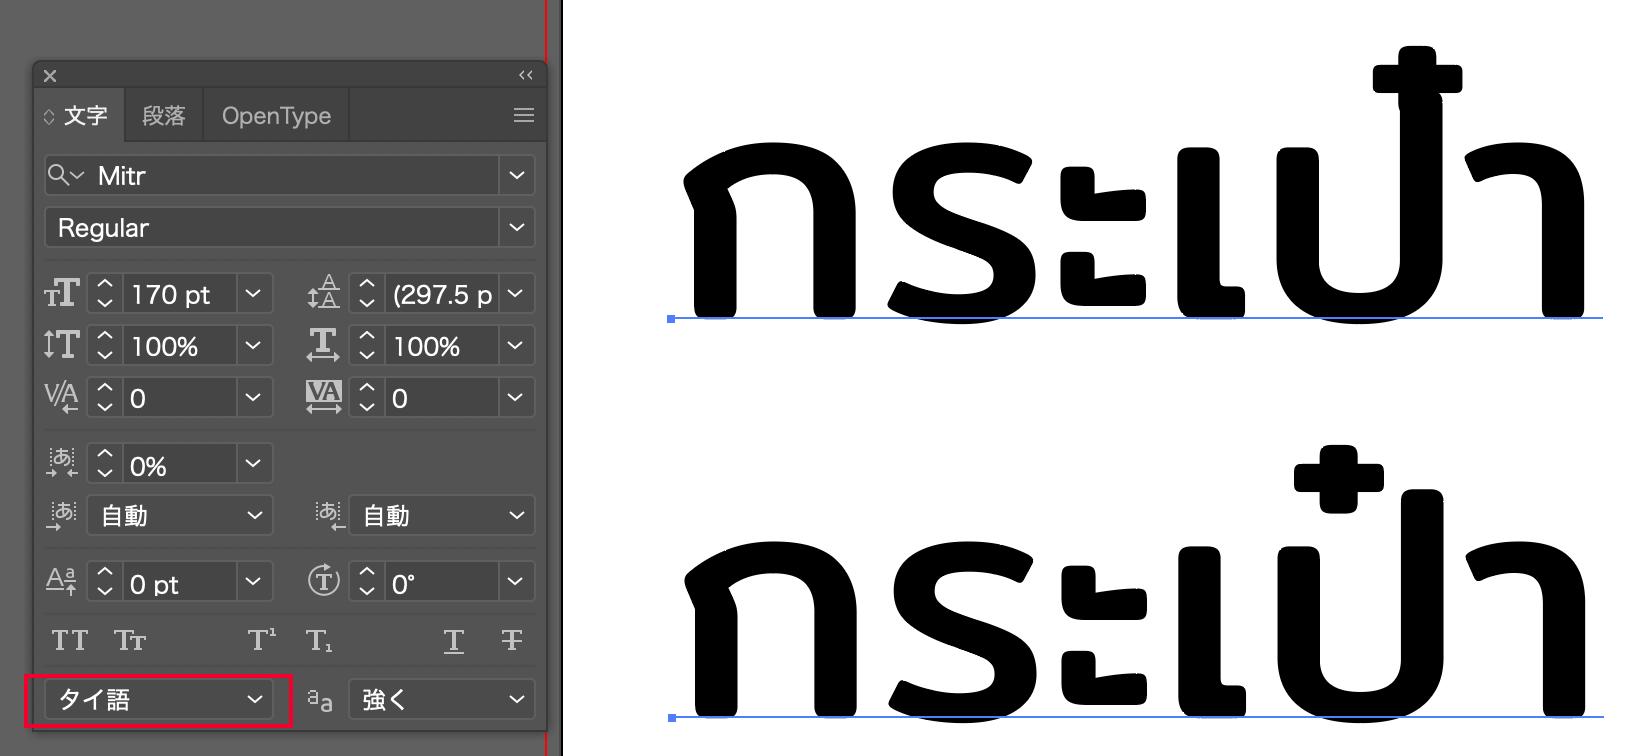 下がタイ語を選択したもの。声調記号が読みやすい位置に移動する